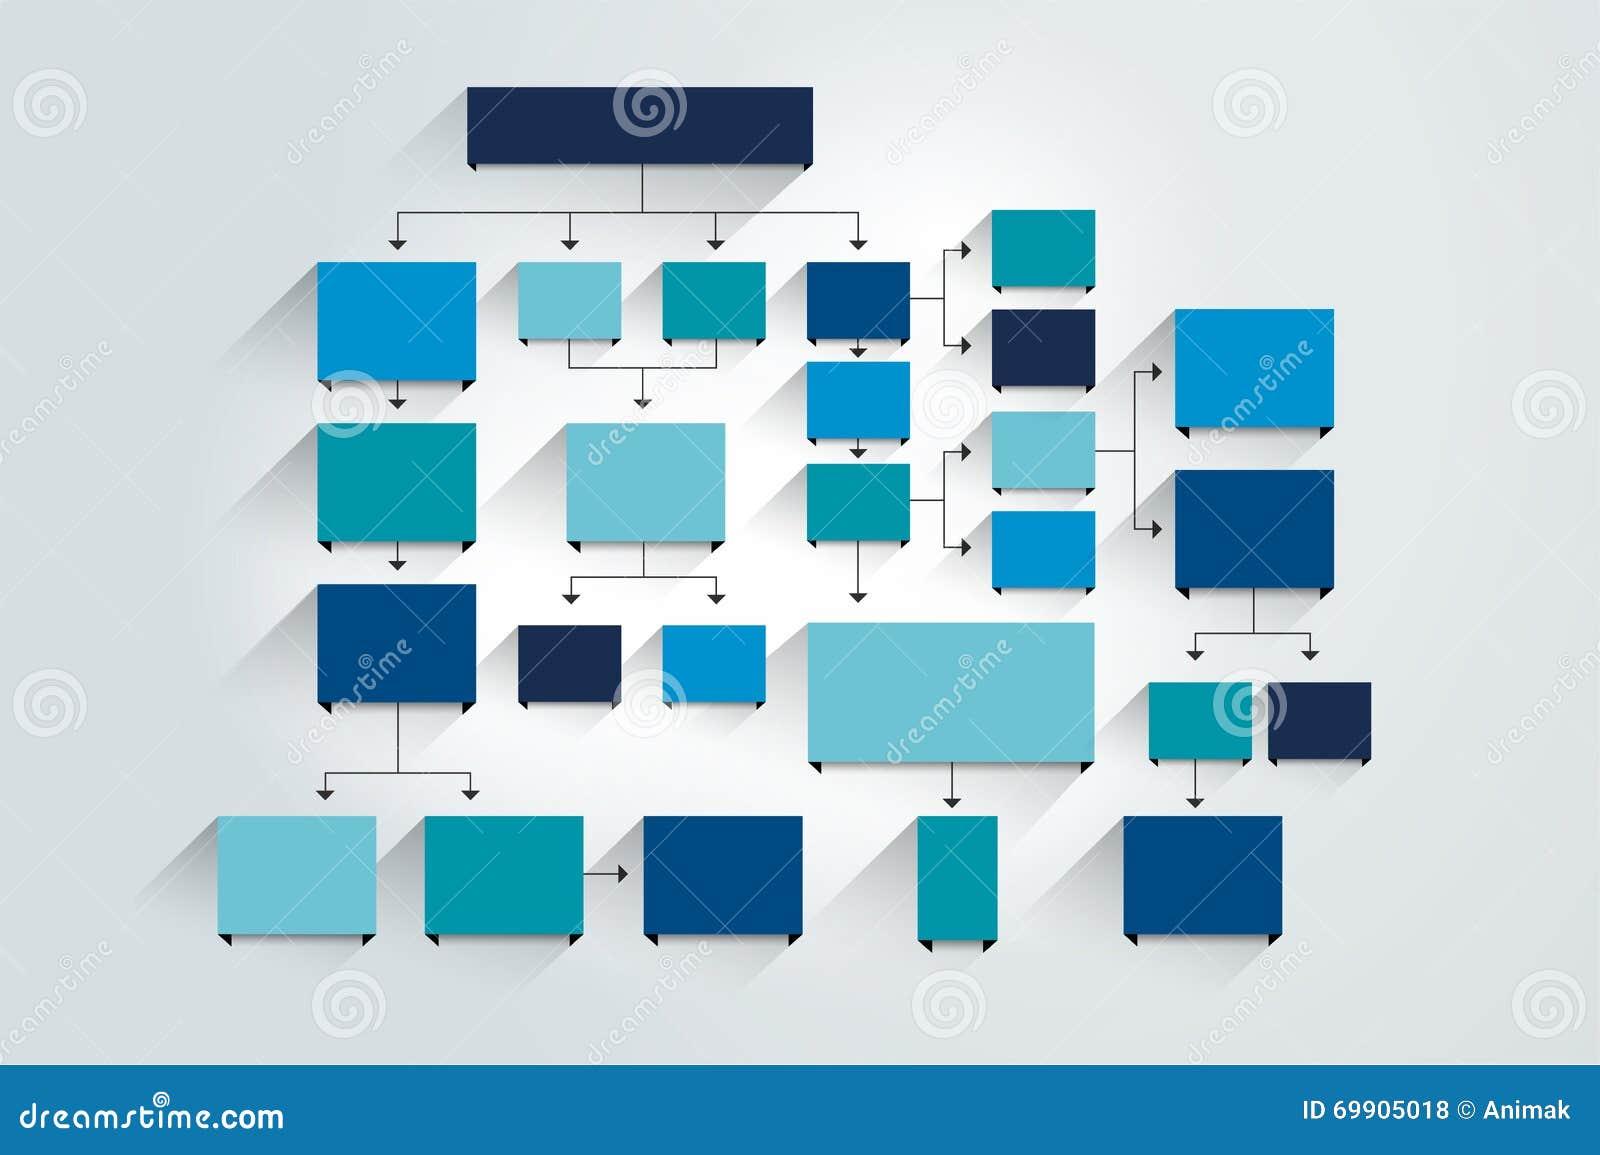 Flowchart Μπλε χρωματισμένο σχέδιο σκιών